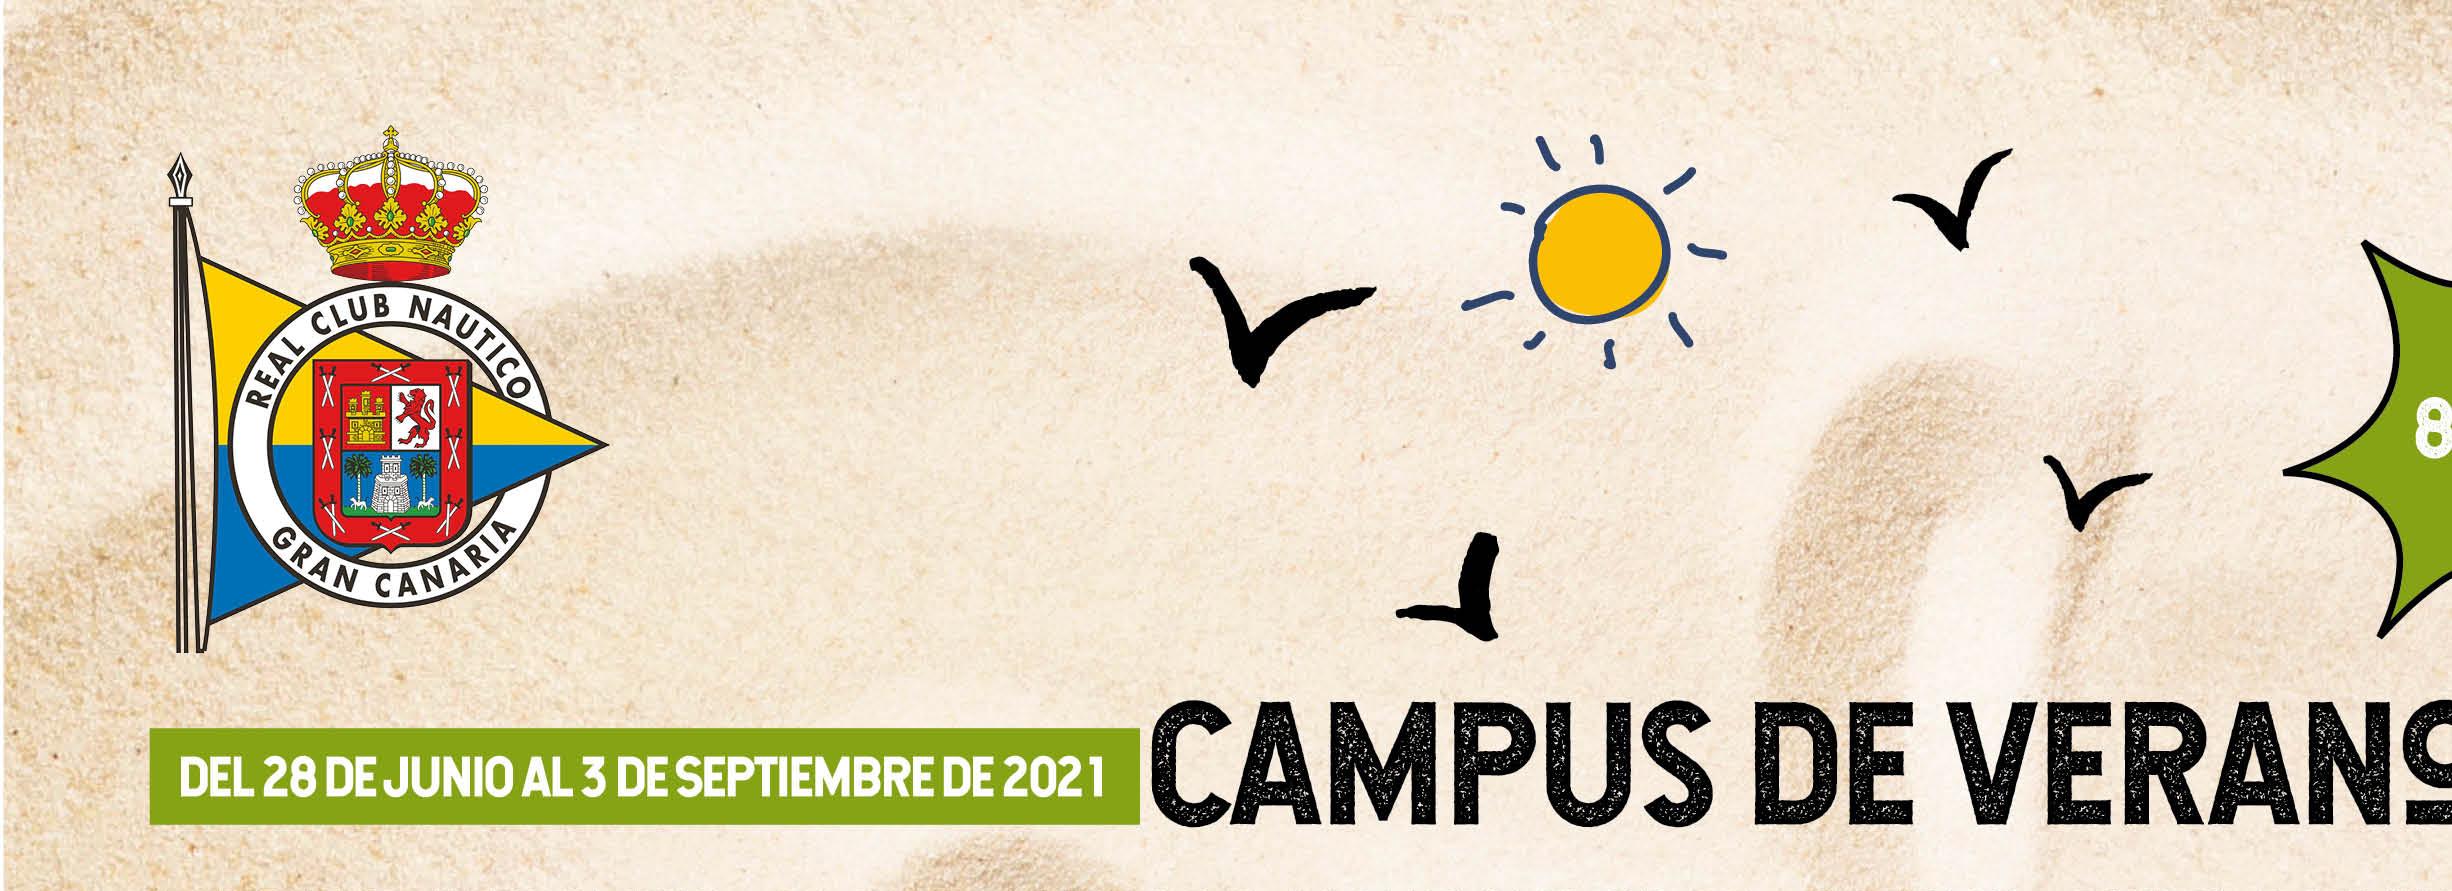 Af_campus_Verano_Náutico2021.jpg